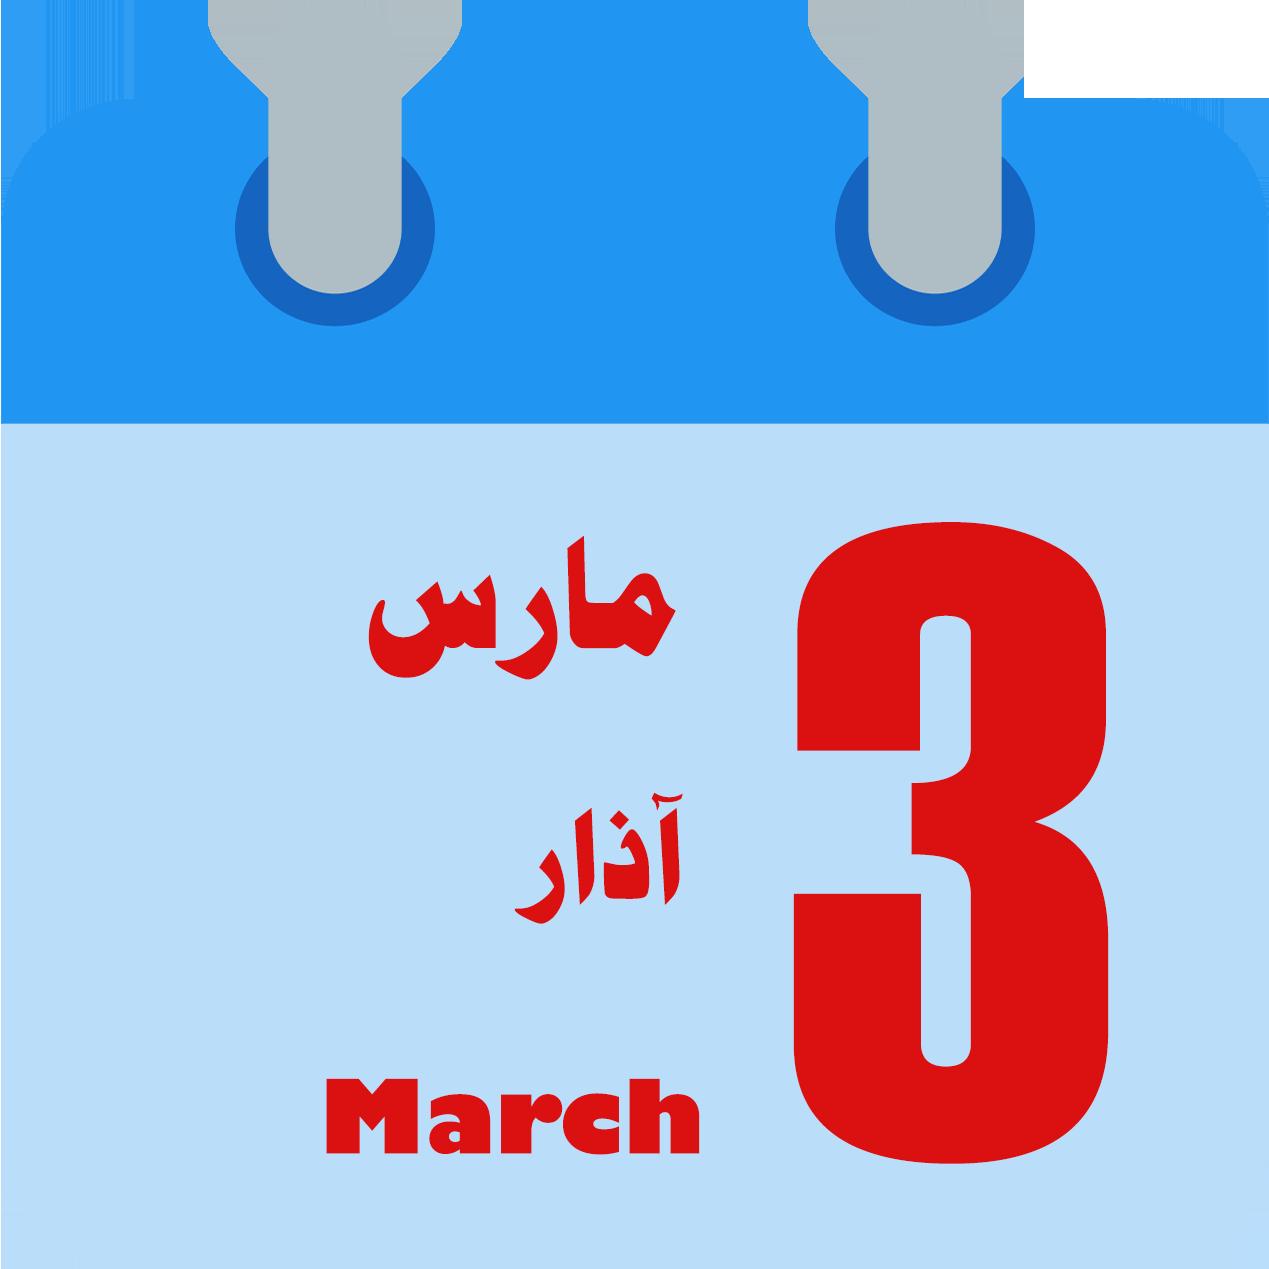 شهر مارس